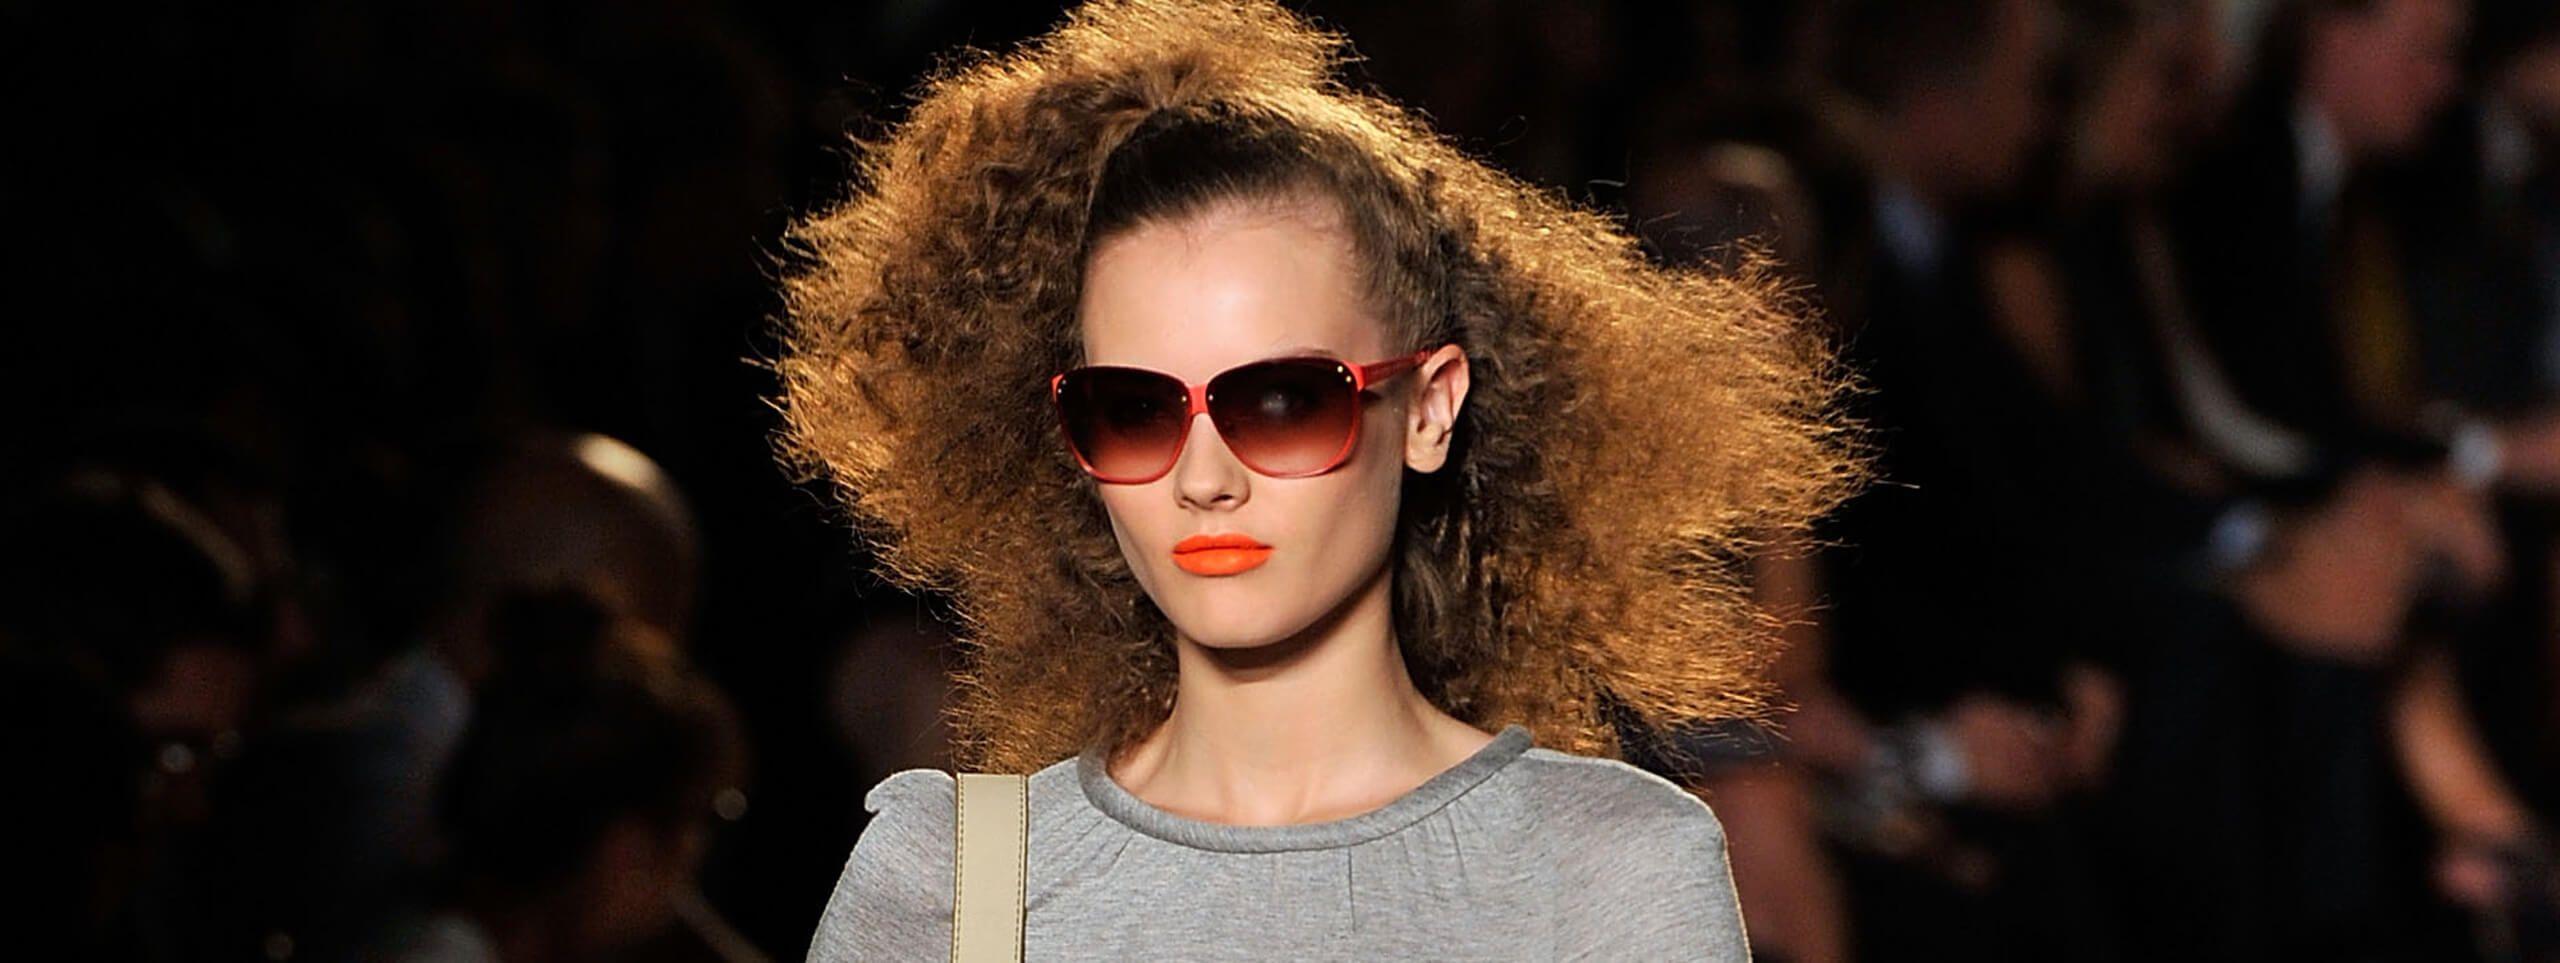 Frisuren-fuer-krauses-Haar